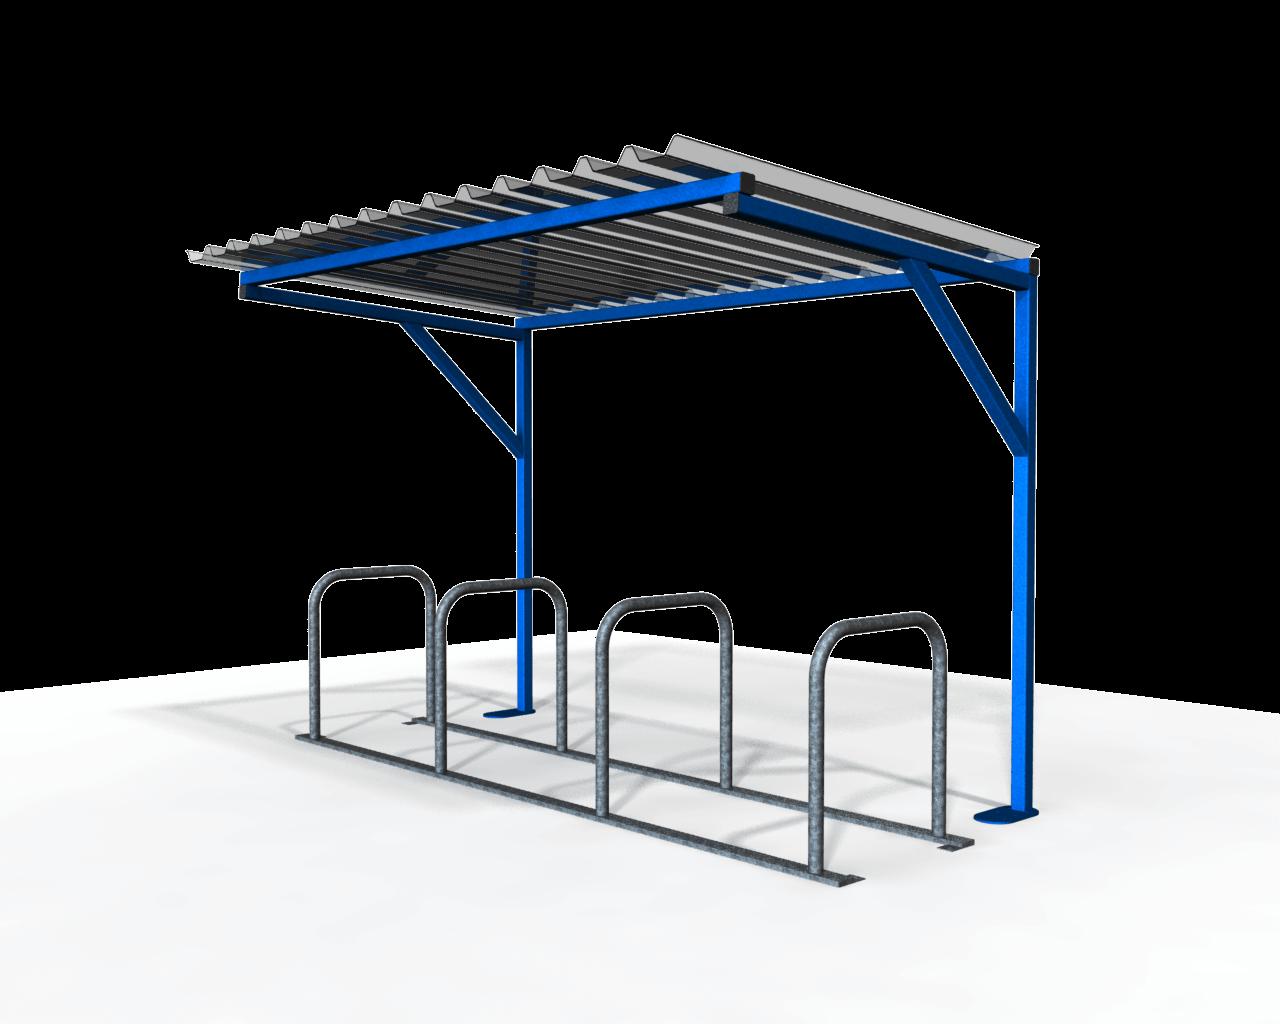 Morecambe Cycle Shelter - 8 No. Capacity